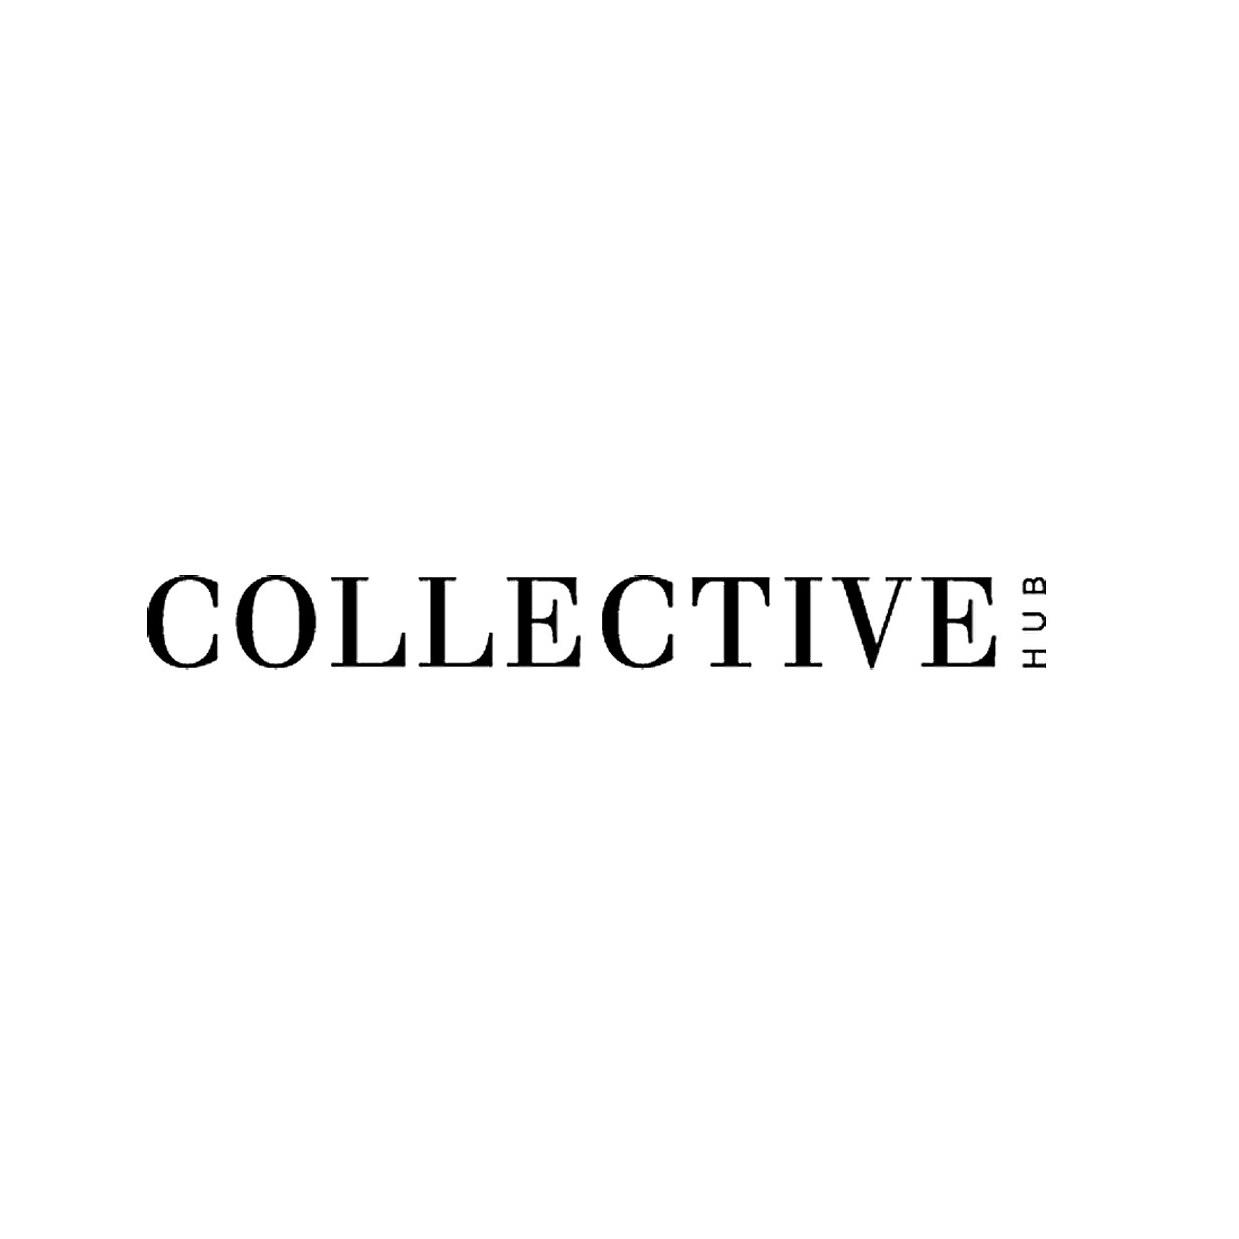 CollectiveHub-1.jpg